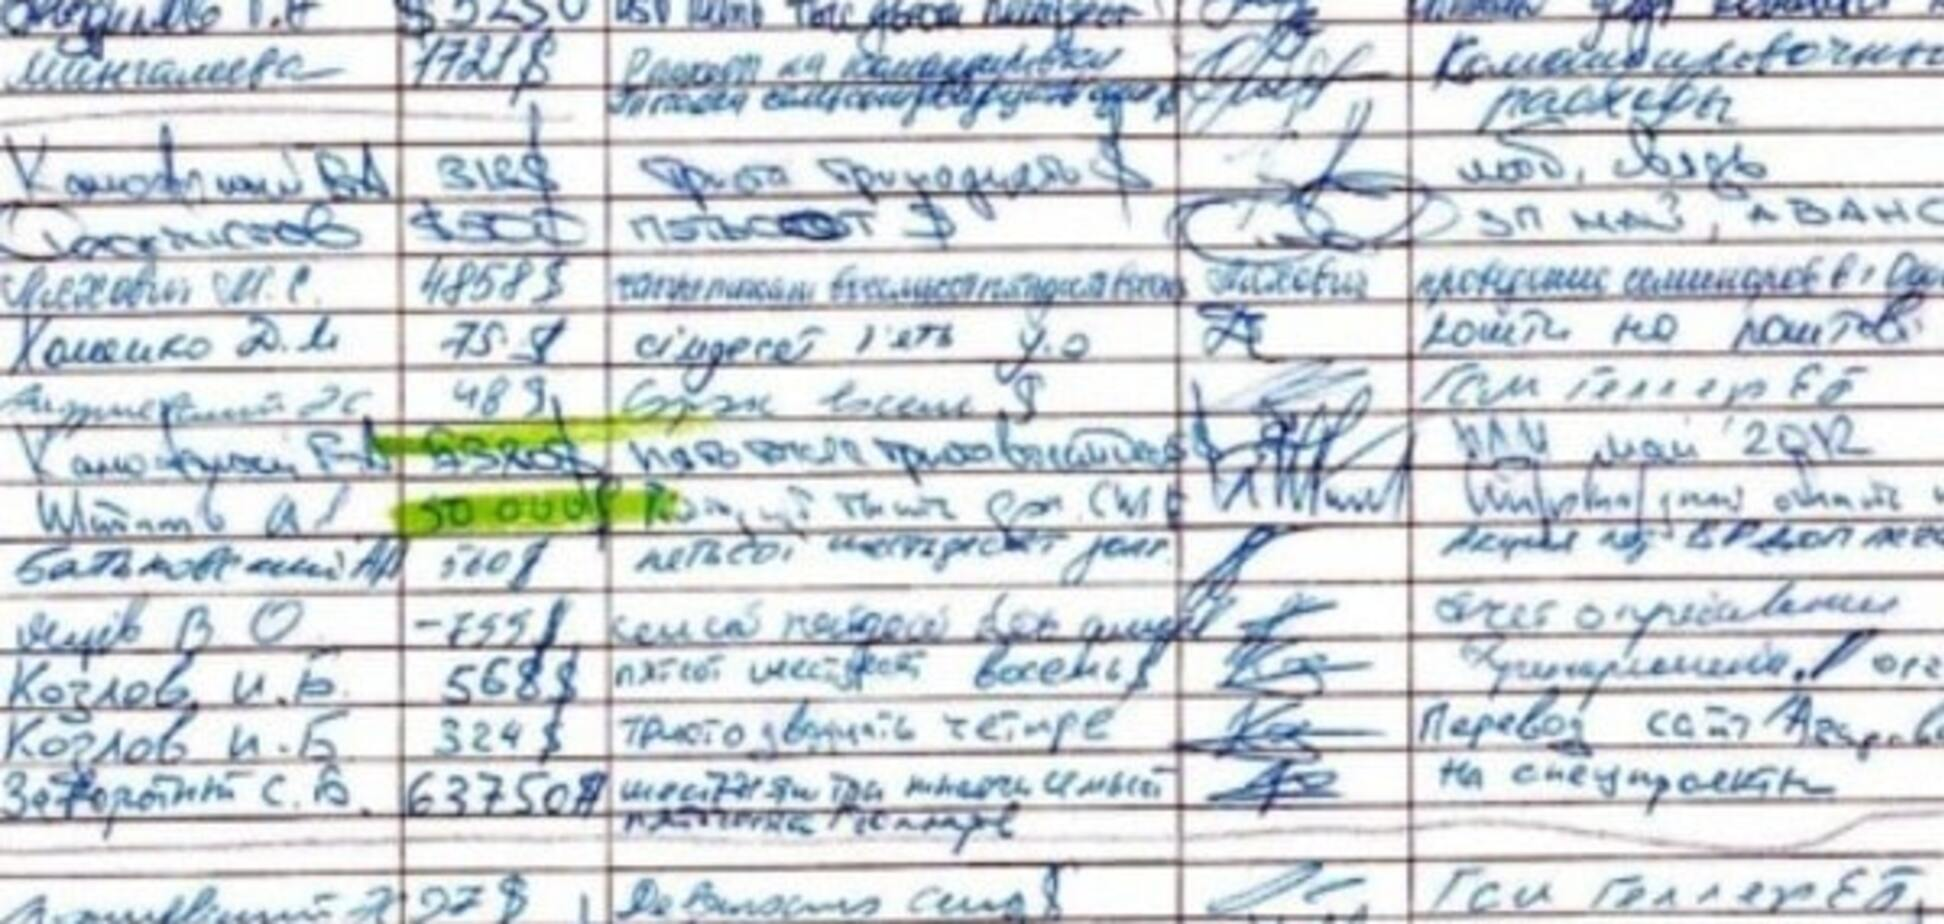 Експерти ідентифікували почерки з 'амбарної книги Януковича'